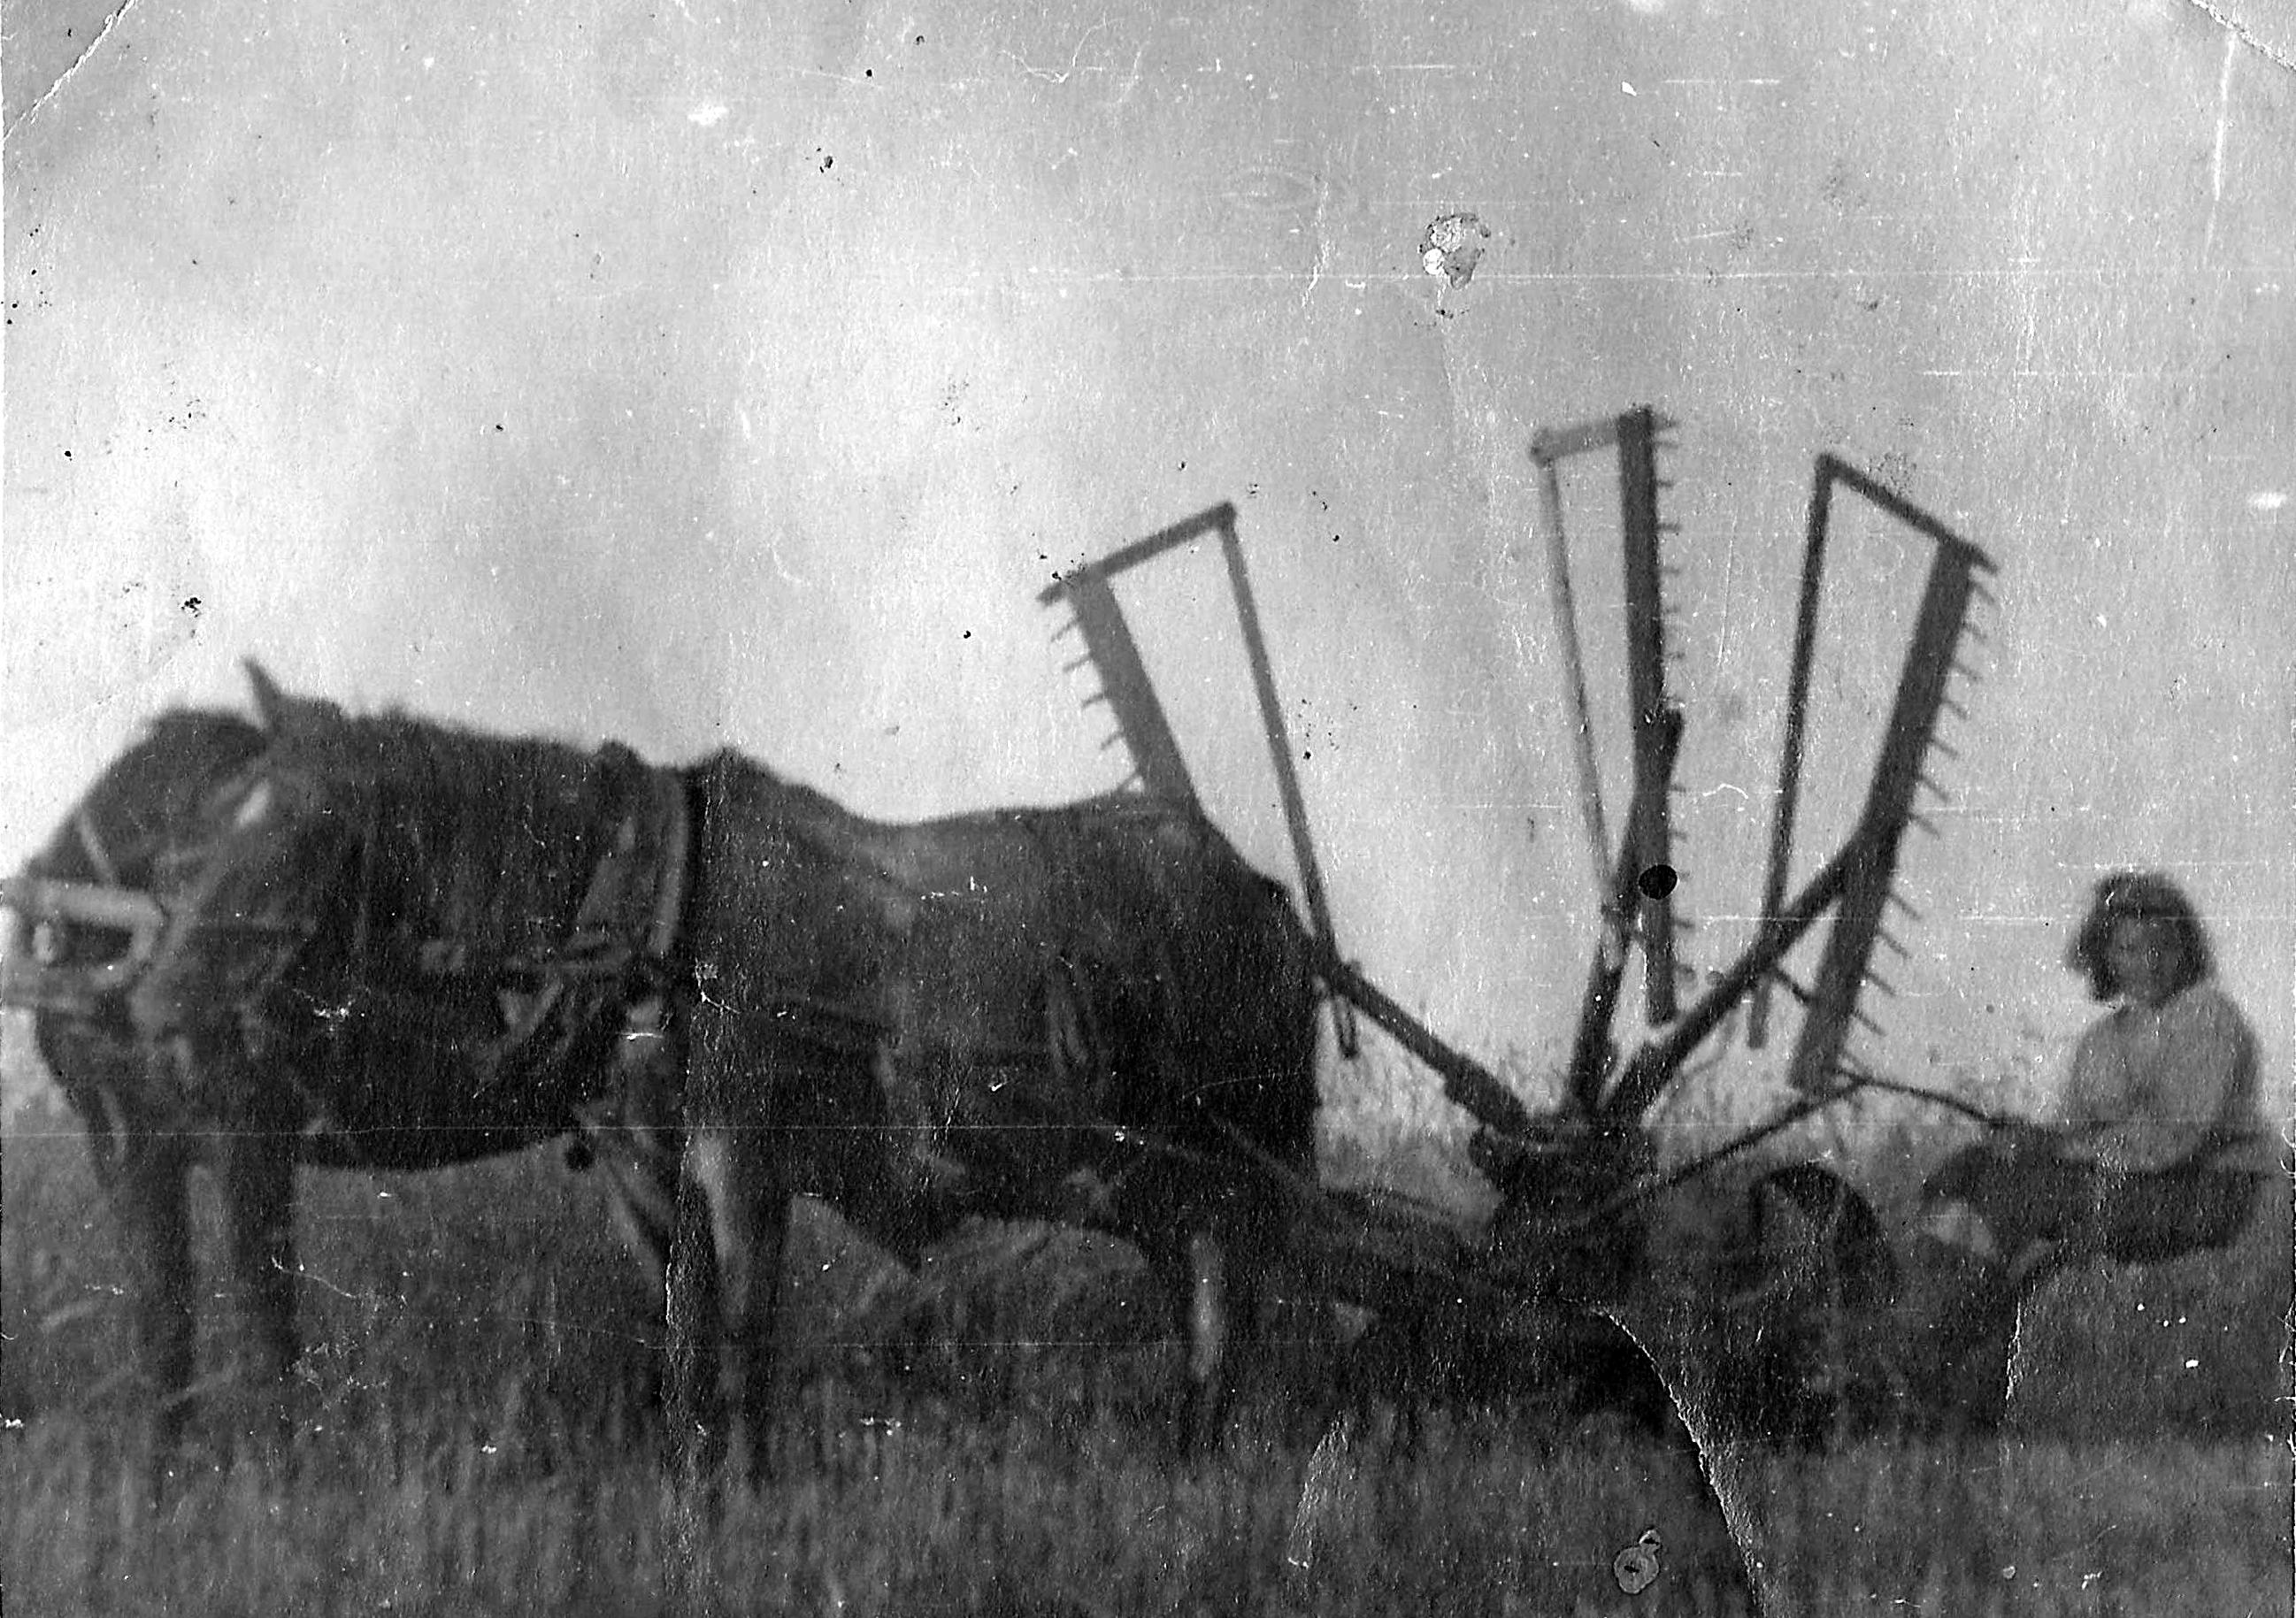 Колхозные будни.Жнейка. Фото из архива Петровской библиотеки.